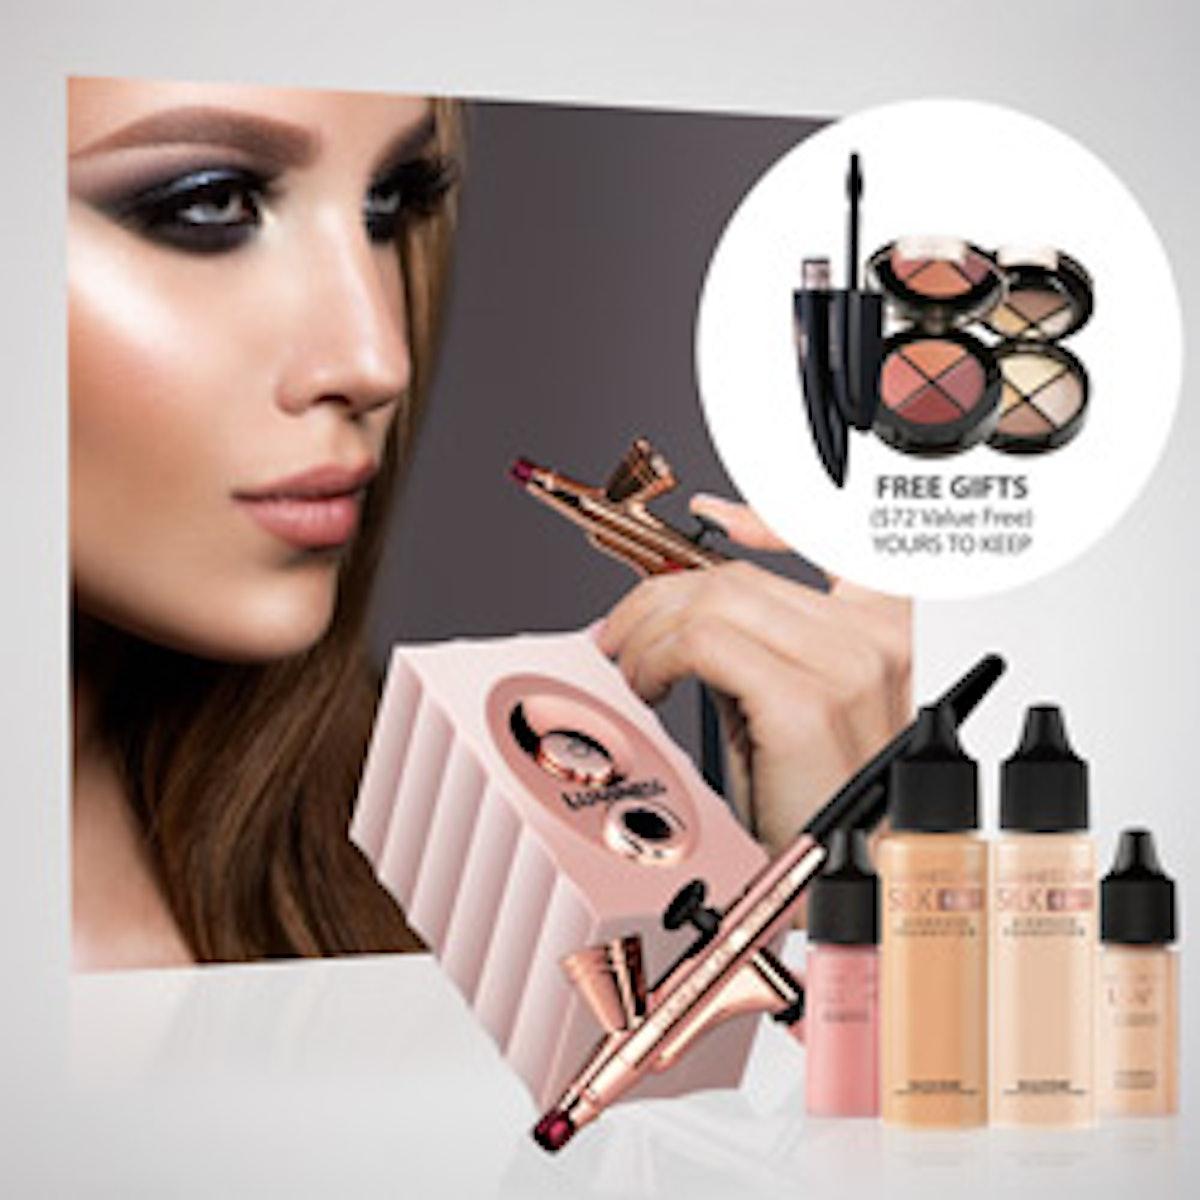 Diffe Airbrush Makeup Kits